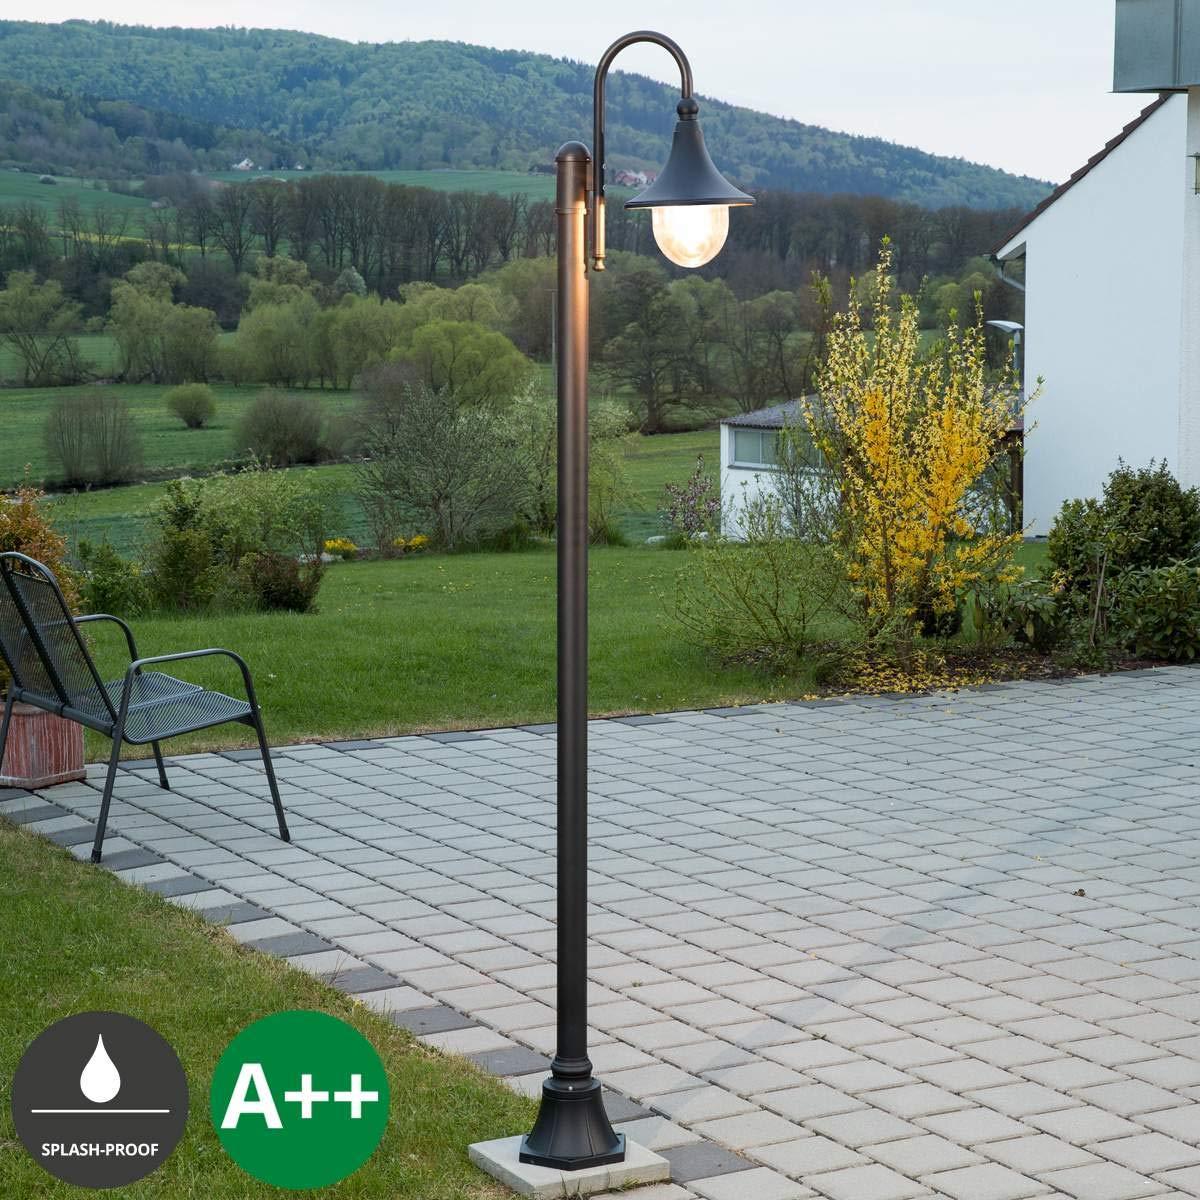 Lampione da esterni 'Daphne' (Moderno) colore Nero, in Alluminio (1 luce, E27, A++) di Lampenwelt   Candelabro, lampada da esterni